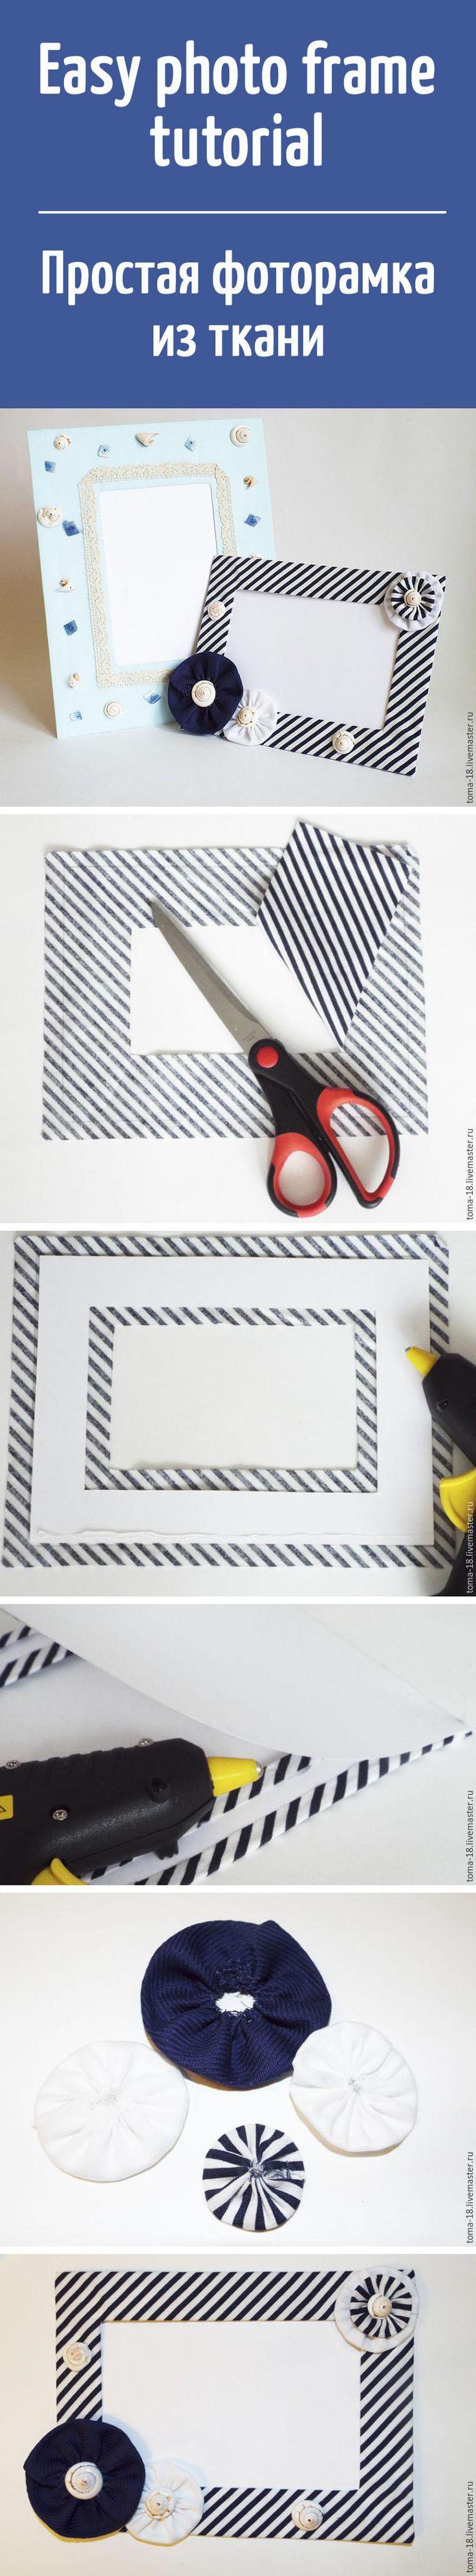 Простая фоторамка в морском стиле из ткани своими руками / Easy frame tutorial #DIY